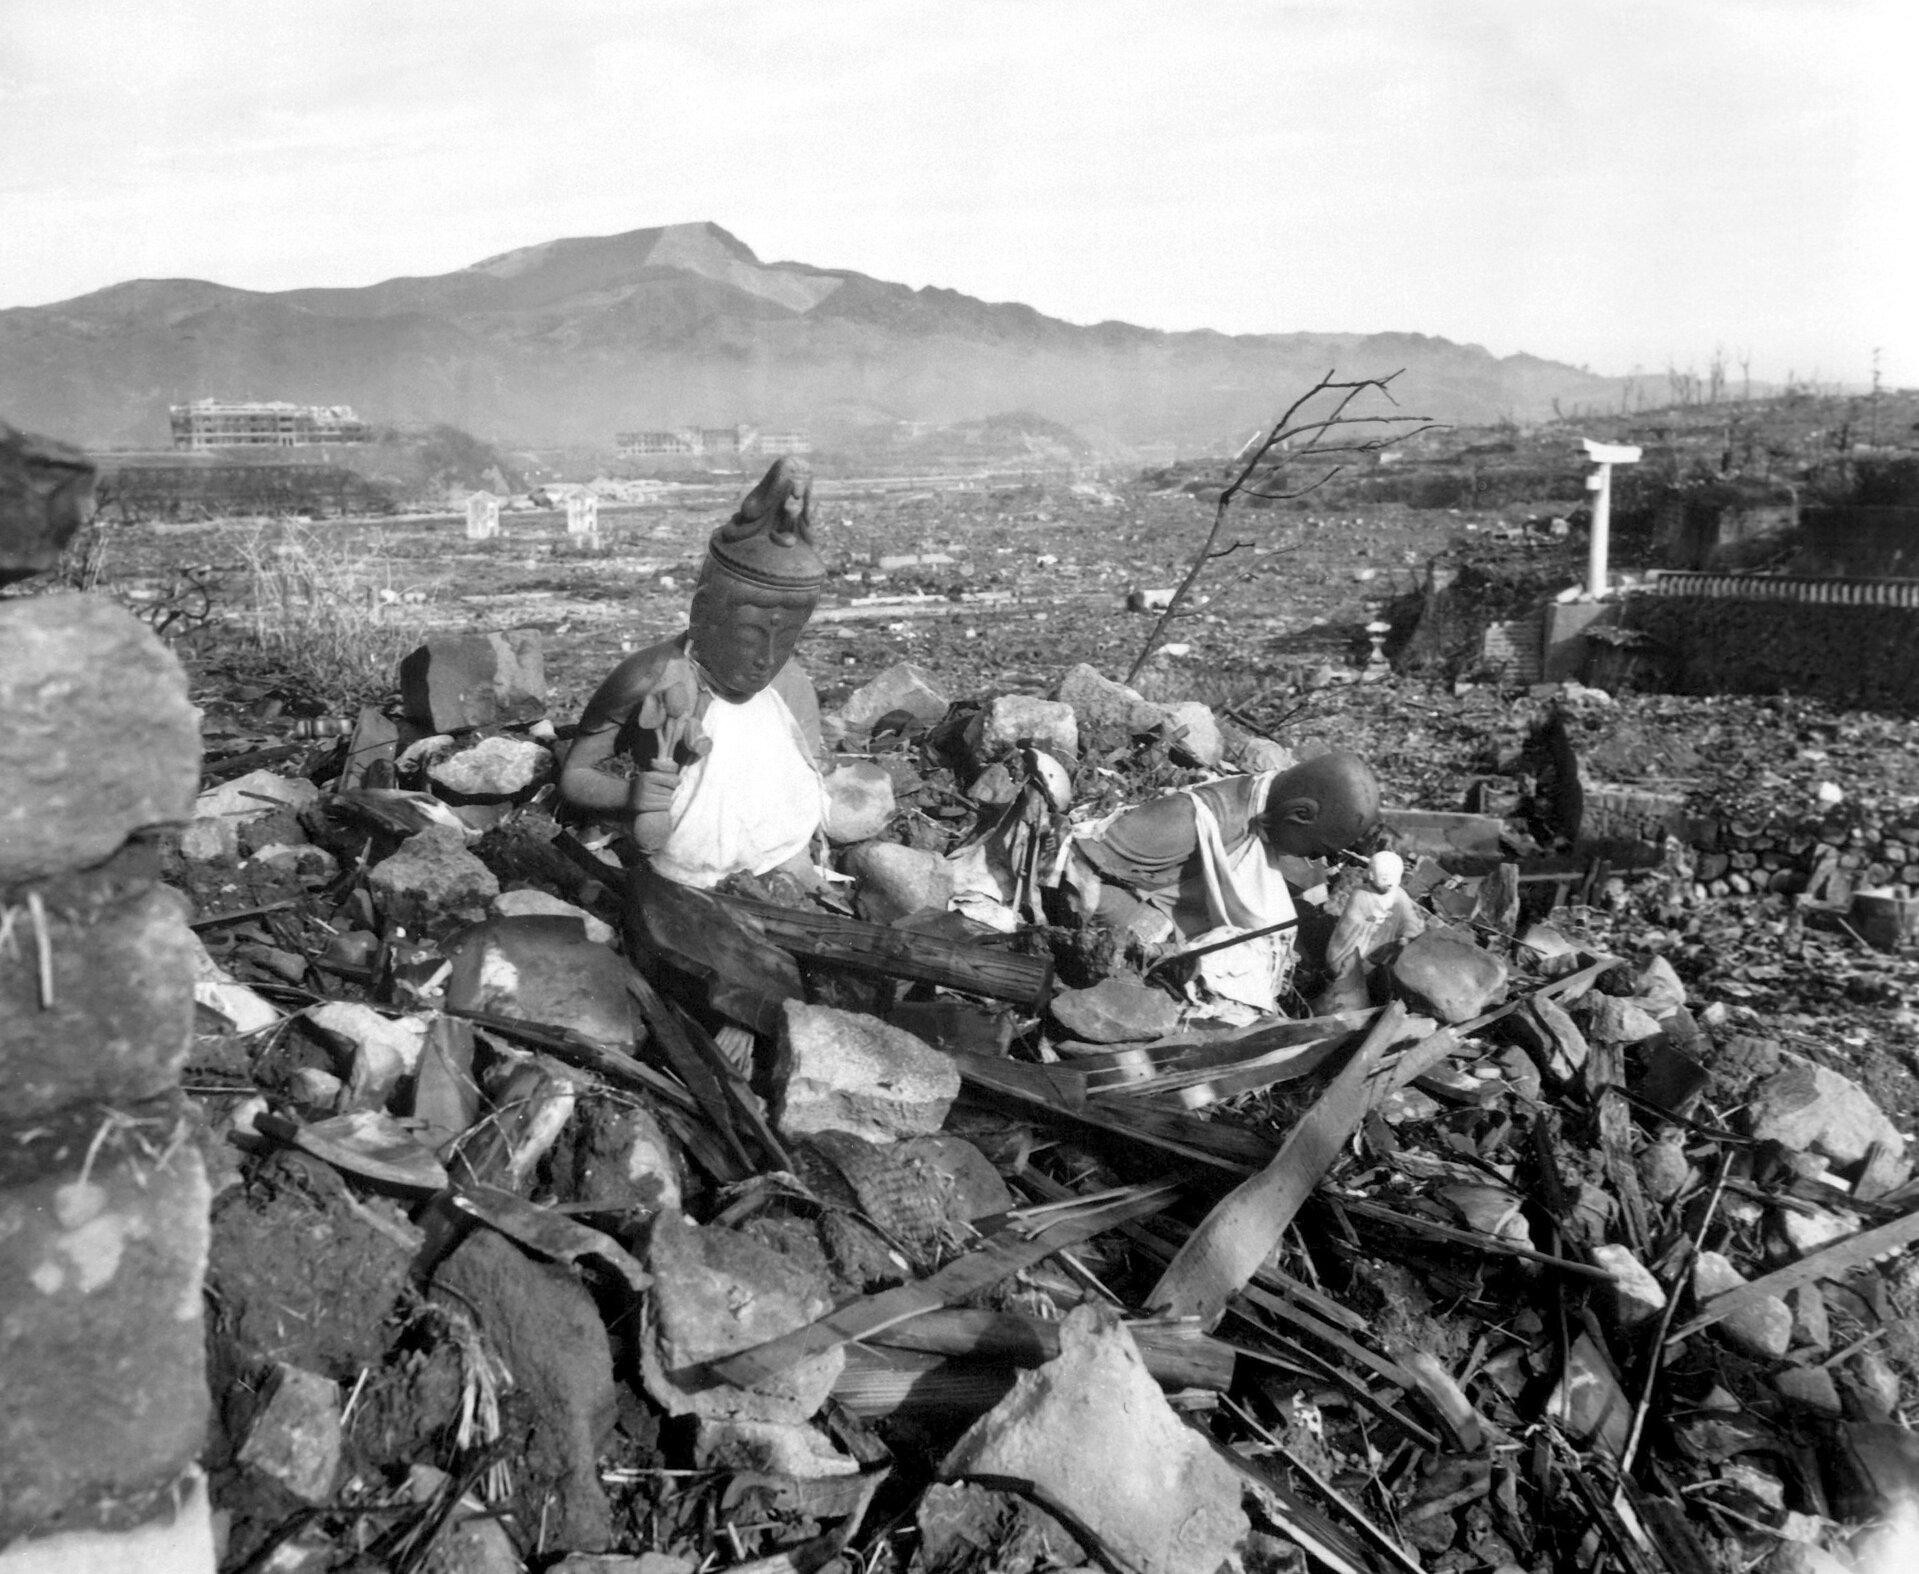 Zdjęcie przedstawia zniszczone przez wybuch bomby atomowej tereny Hiroszimy iNagasaki. Fotografia czarno-biała. Na pierwszym planie widoczne starta gruzów, połamanych desek ikonstrukcji oraz fragment figurki Buddy. Nieco dalej widać ogrom zniszczeń spowodowanych przez wybuch wojny. Prawie wszystko zostało zrównane zziemią. Woddali widać szkielety budynków. Wtle zarys gór.